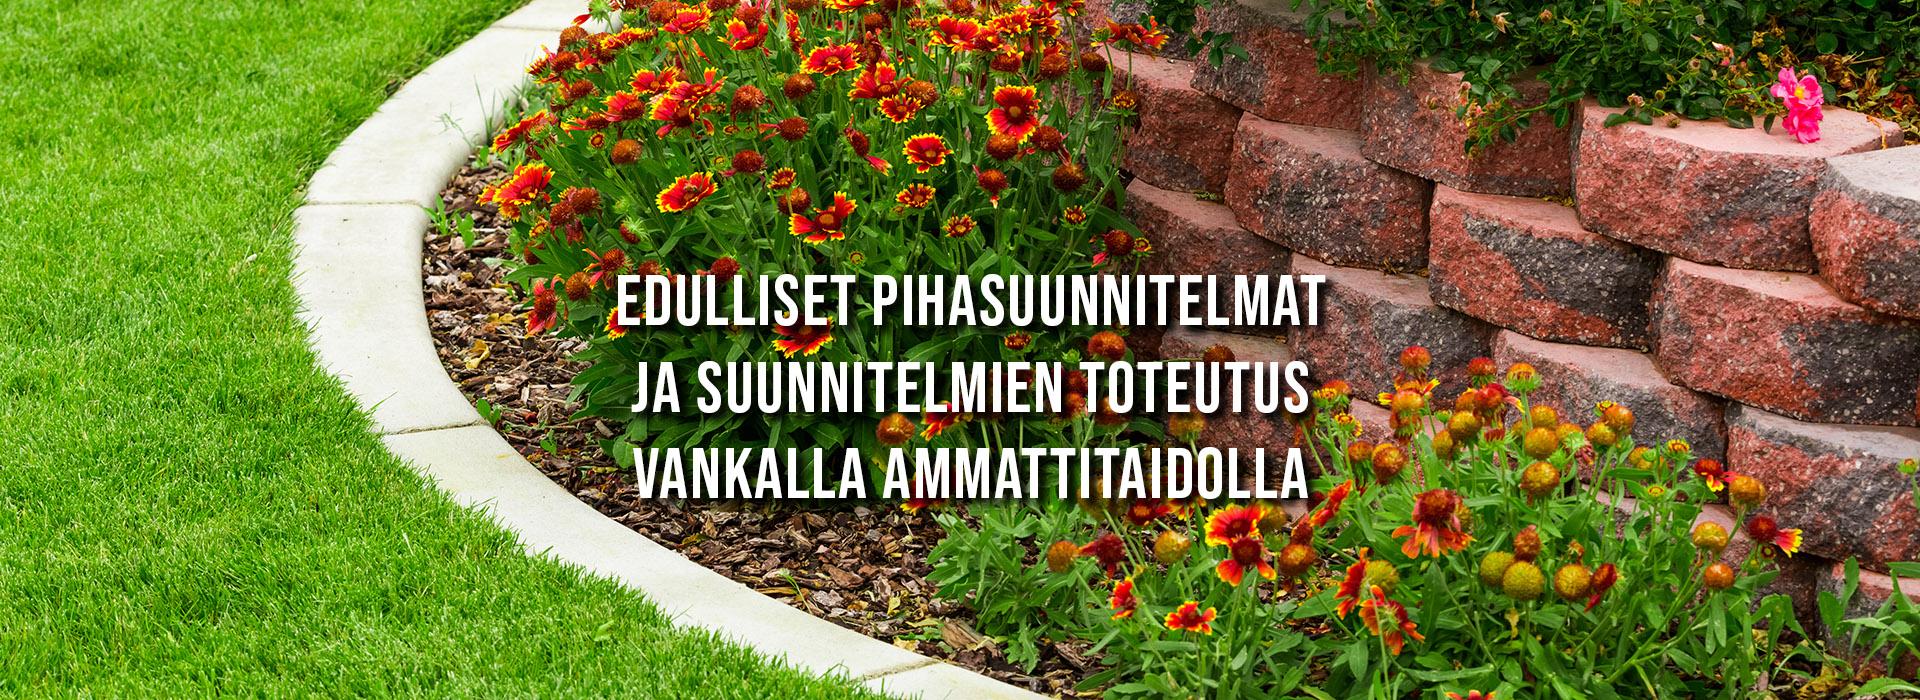 Puutarhatyöt ja viherrakentaminen - pihasuunnitelmat ja niiden toteutus vankalla ammattitaidolla   PihaMestari.fi